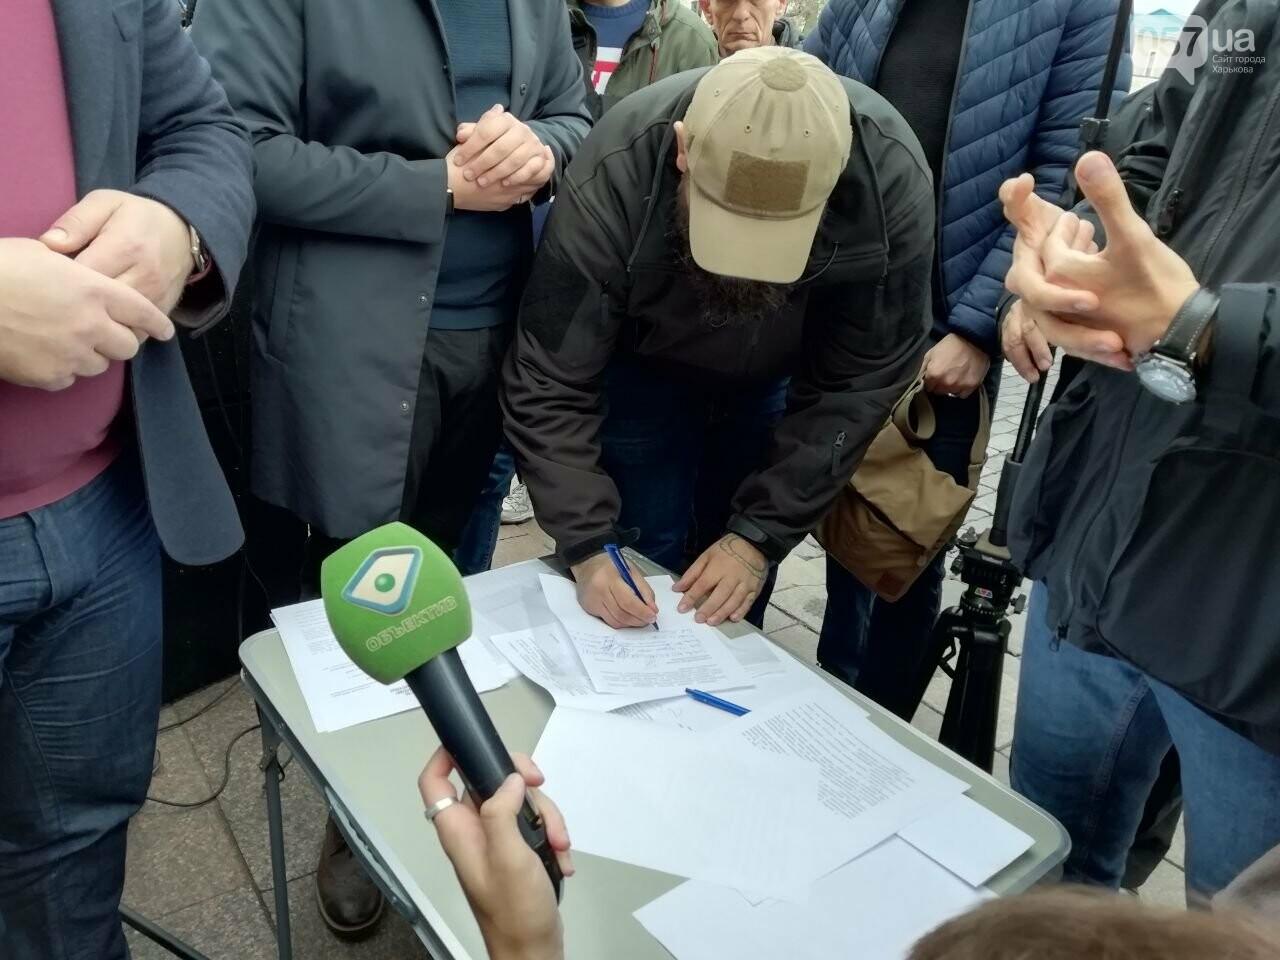 «Нет капитуляции»: харьковские активисты написали коллективное обращение к Зеленскому, - ФОТО, фото-11